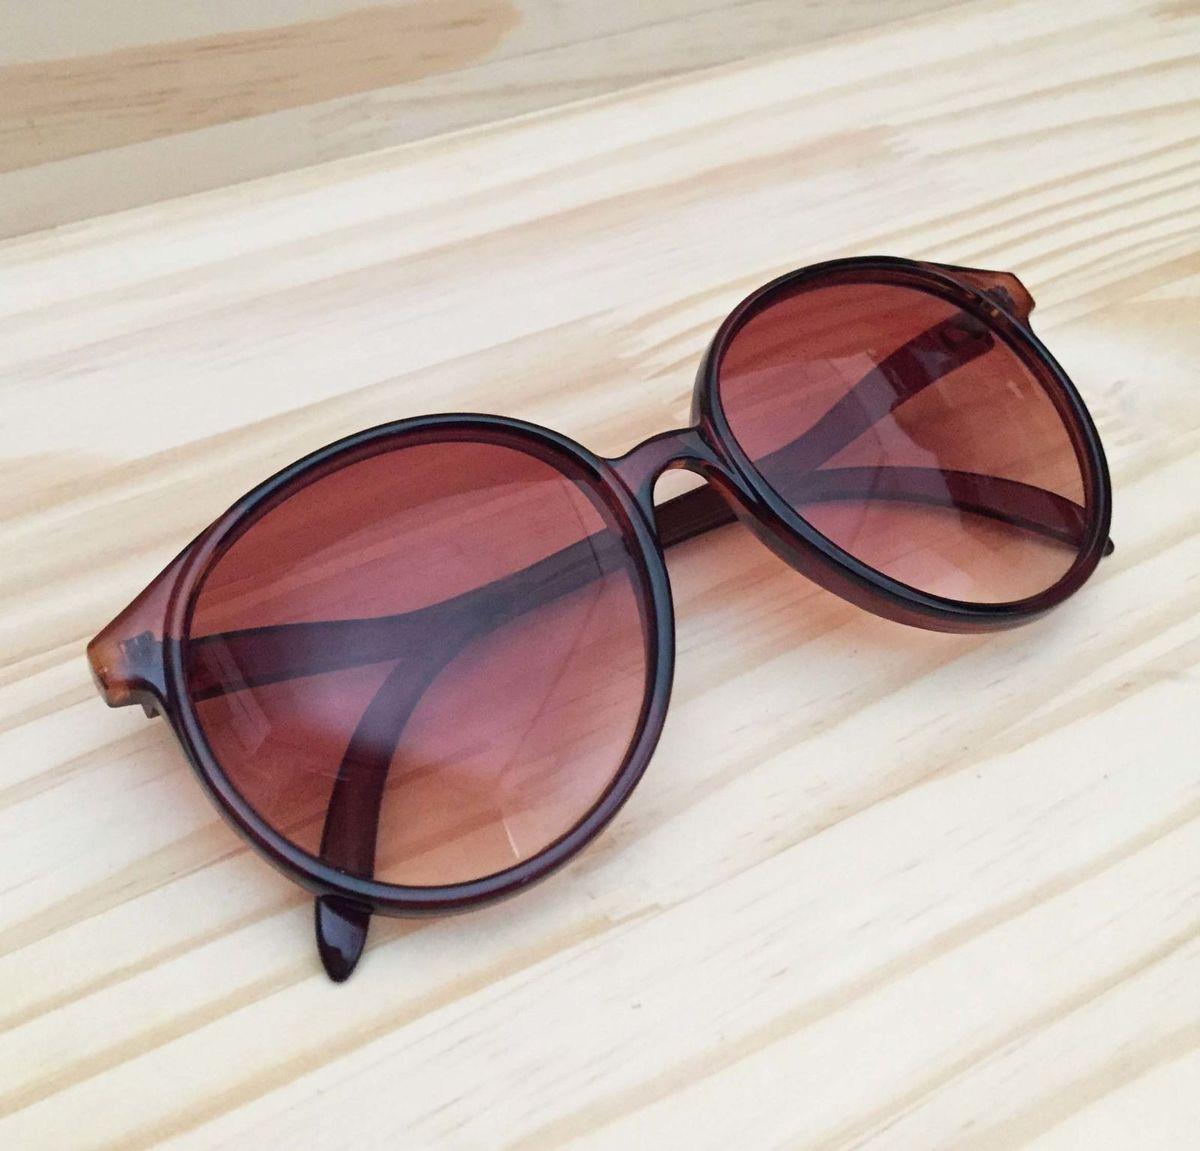 b2263c9c4e4c9 óculos de sol arezzo - óculos arezzo.  Czm6ly9wag90b3muzw5qb2vplmnvbs5ici9wcm9kdwn0cy80otm3nju4l2vjmje1yzexotdlotkzmgzkytq5otlhztdlodnkyjhjlmpwzw  ...